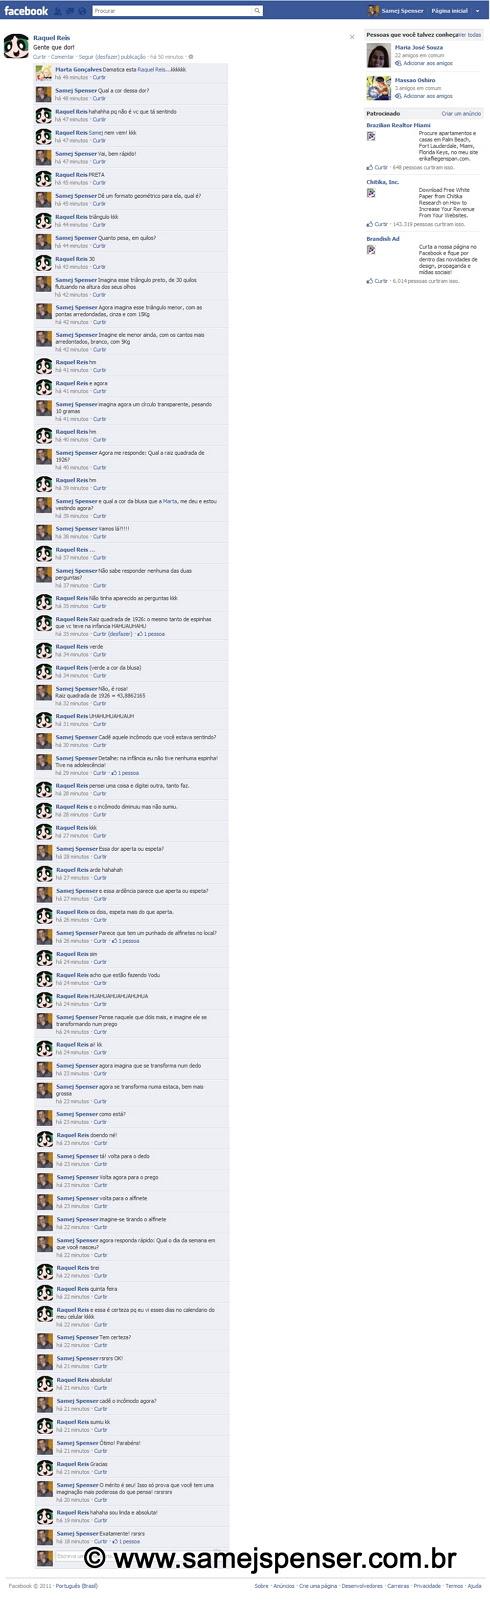 IMAGEM: Conversa entre Samej e Raquel no facebook